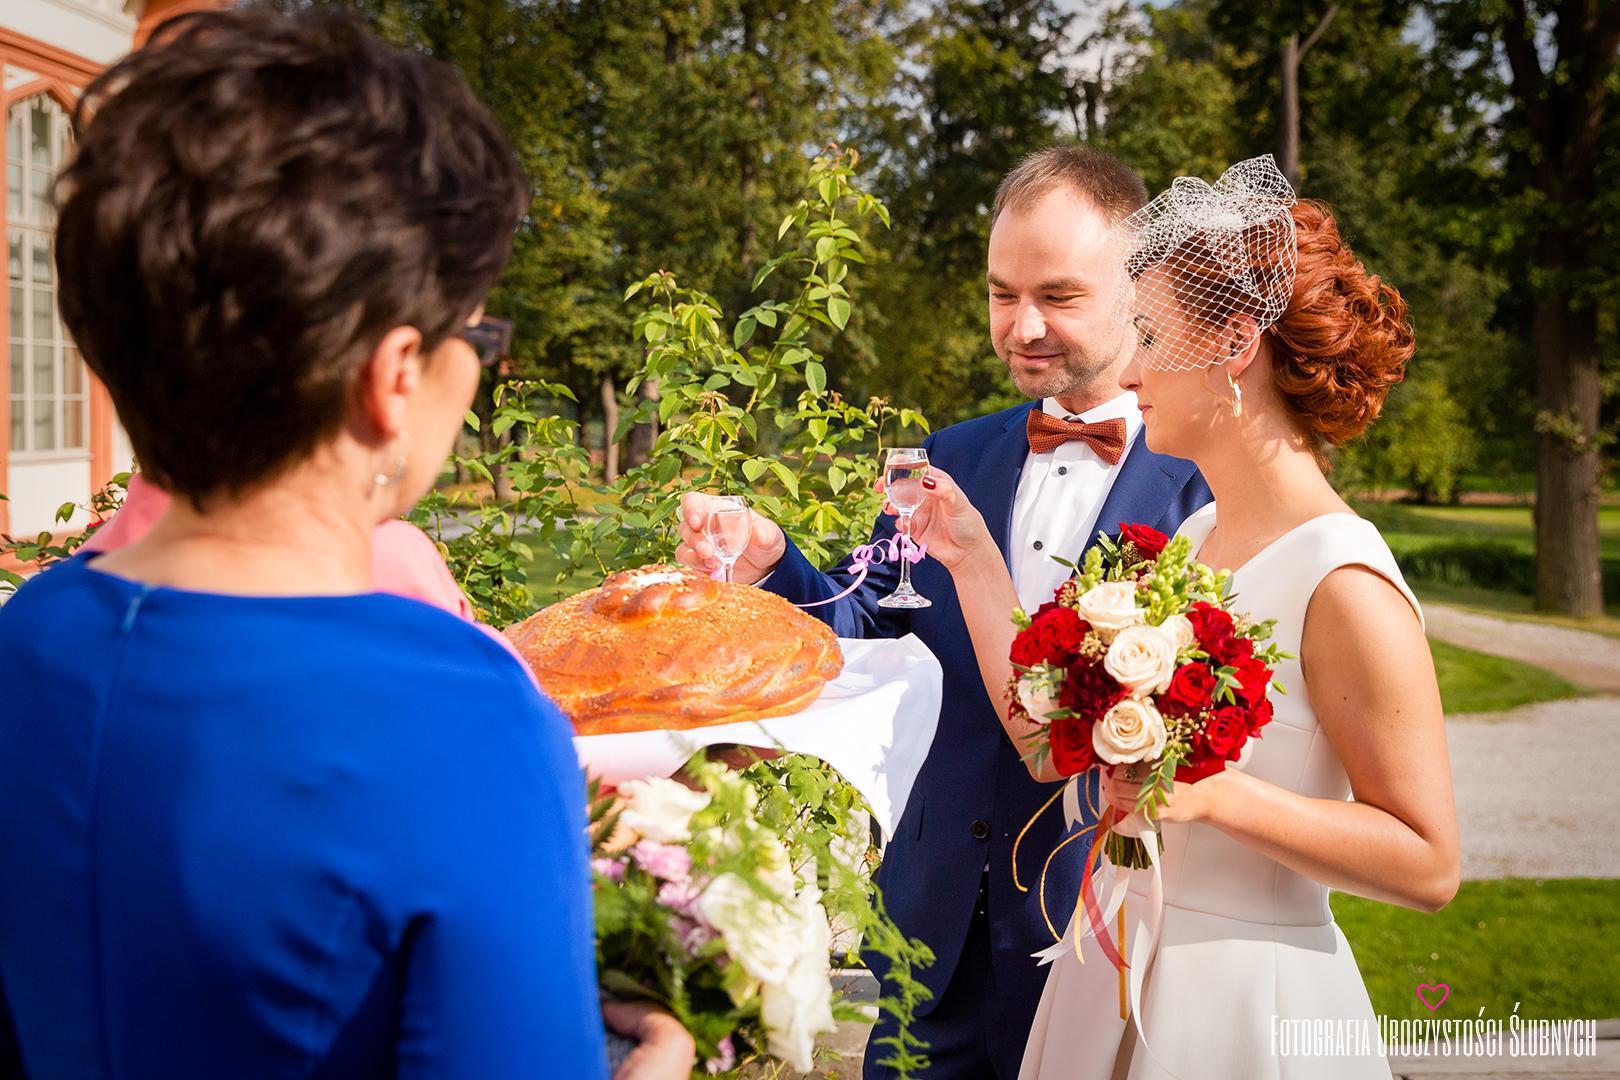 Profesjonalna i artystyczna fotografia ślubna dla Mariki i Bogusława w Pałacu Wojanów. Klaudia Cieplińska - fotograf Jelenia Góra